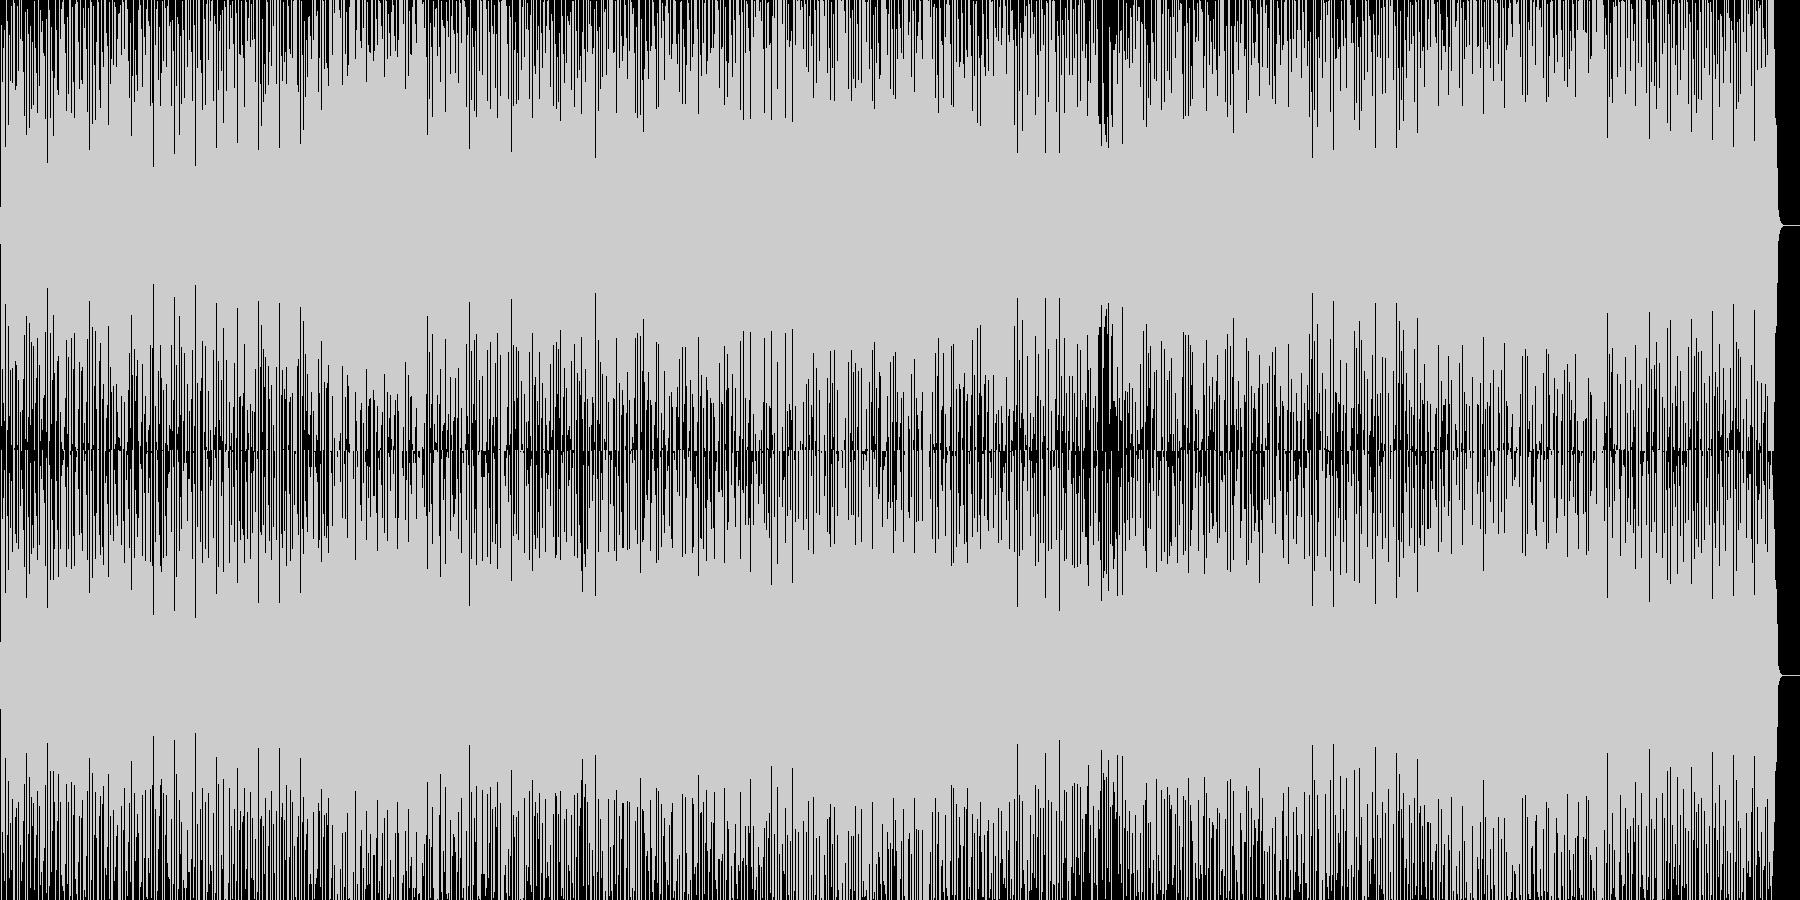 ファンキーで明るいノリのよいグルーヴの未再生の波形